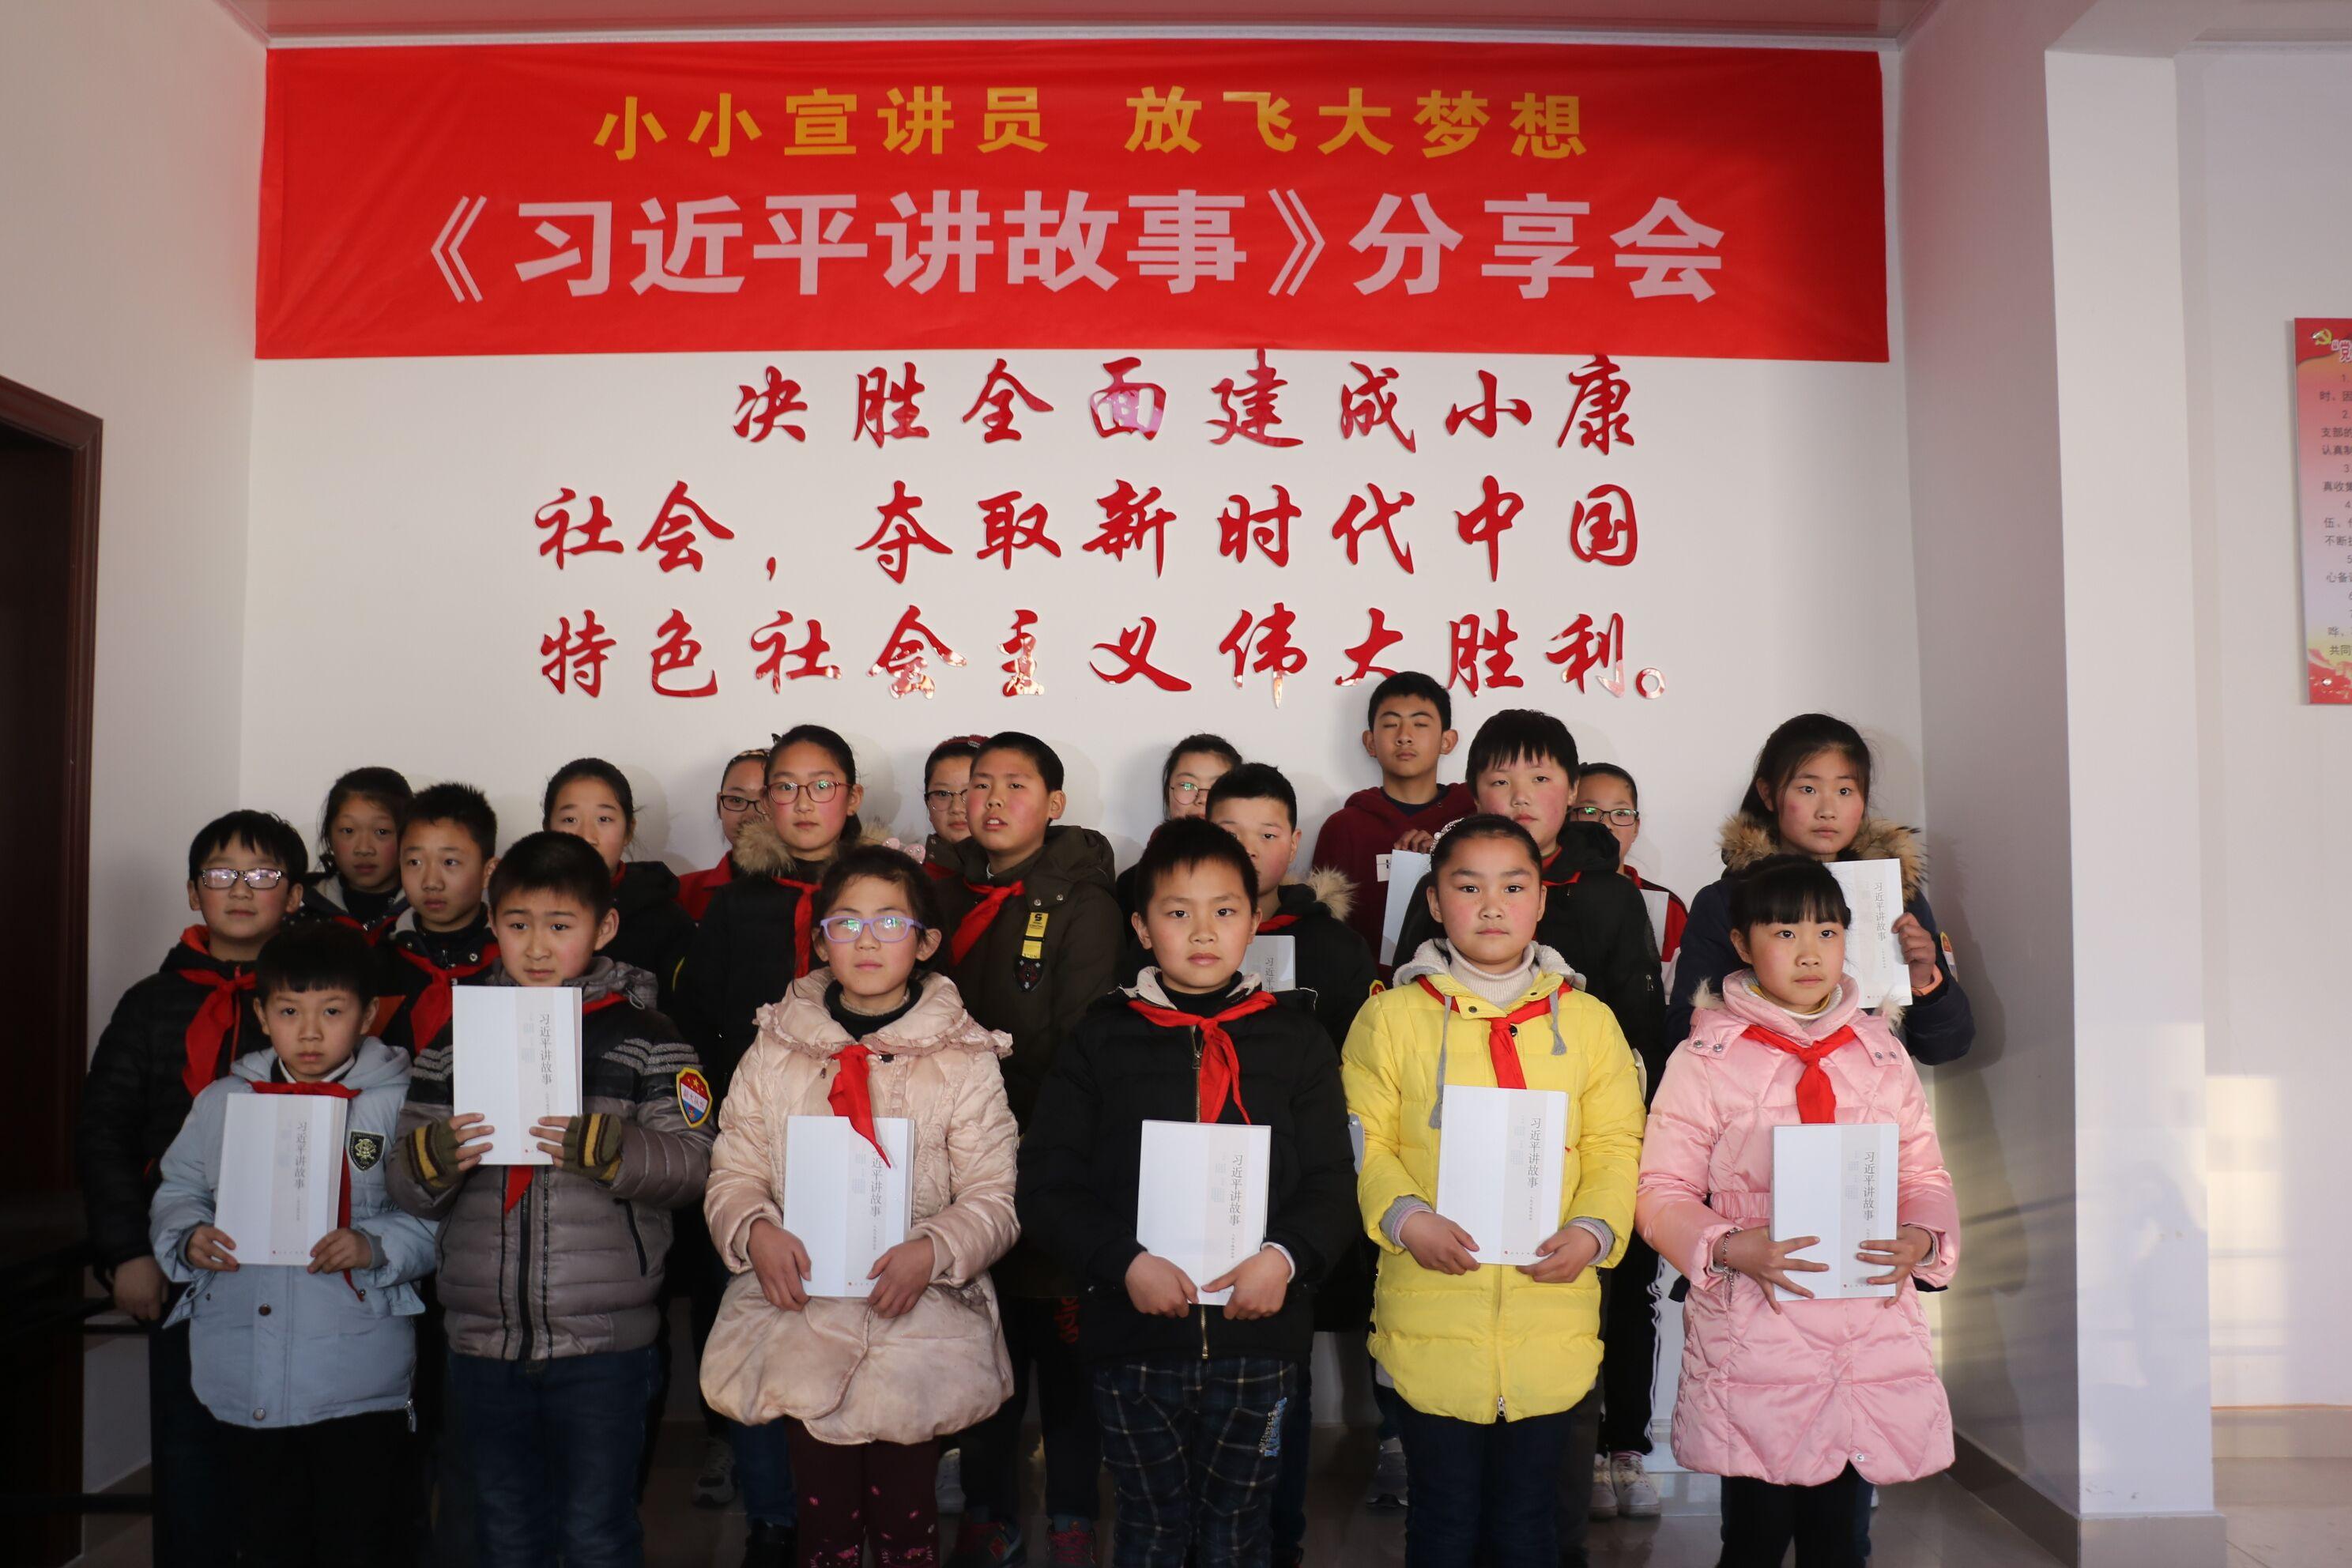 领袖故事激励青春梦想   通州青少年分享《习近平讲故事》